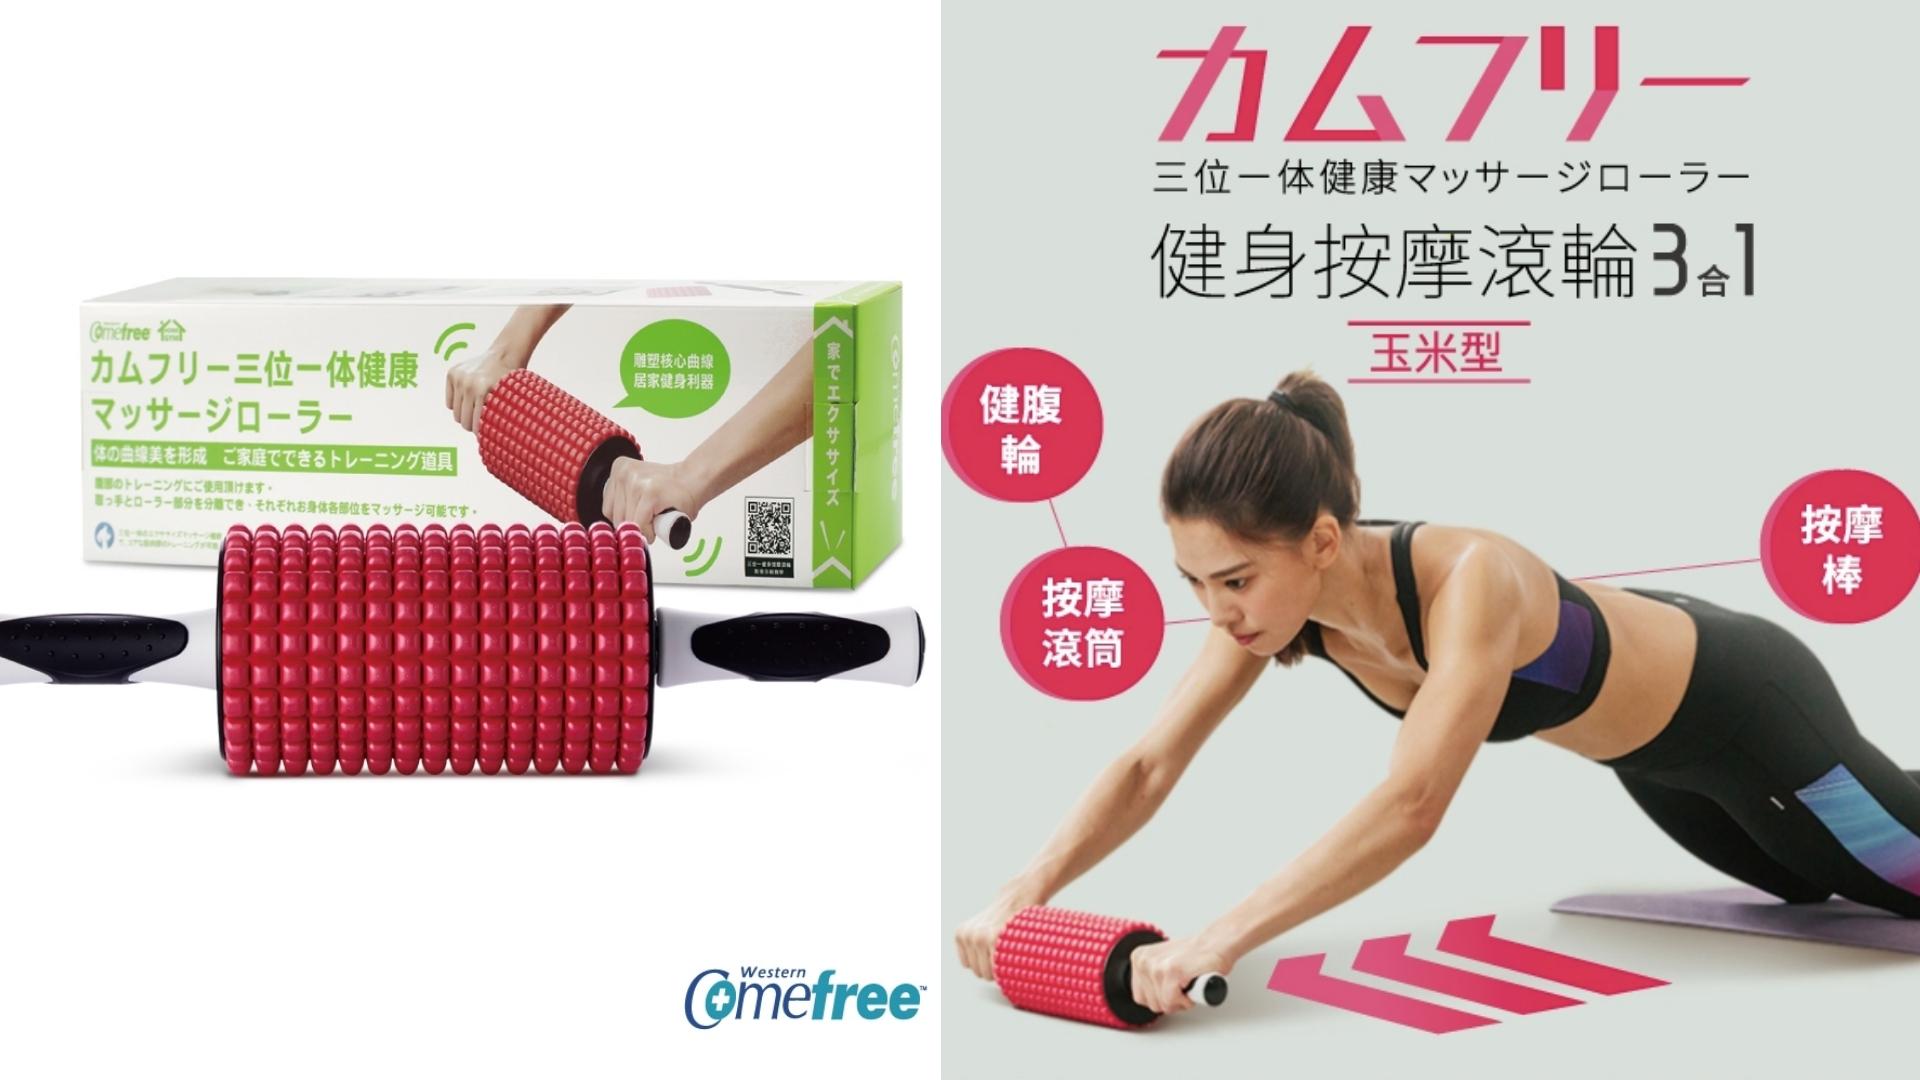 不只能用來健身,只要把手柄和滾筒分離,就能變成用來放鬆肌肉的按摩滾輪,做完運動還可以深層按摩